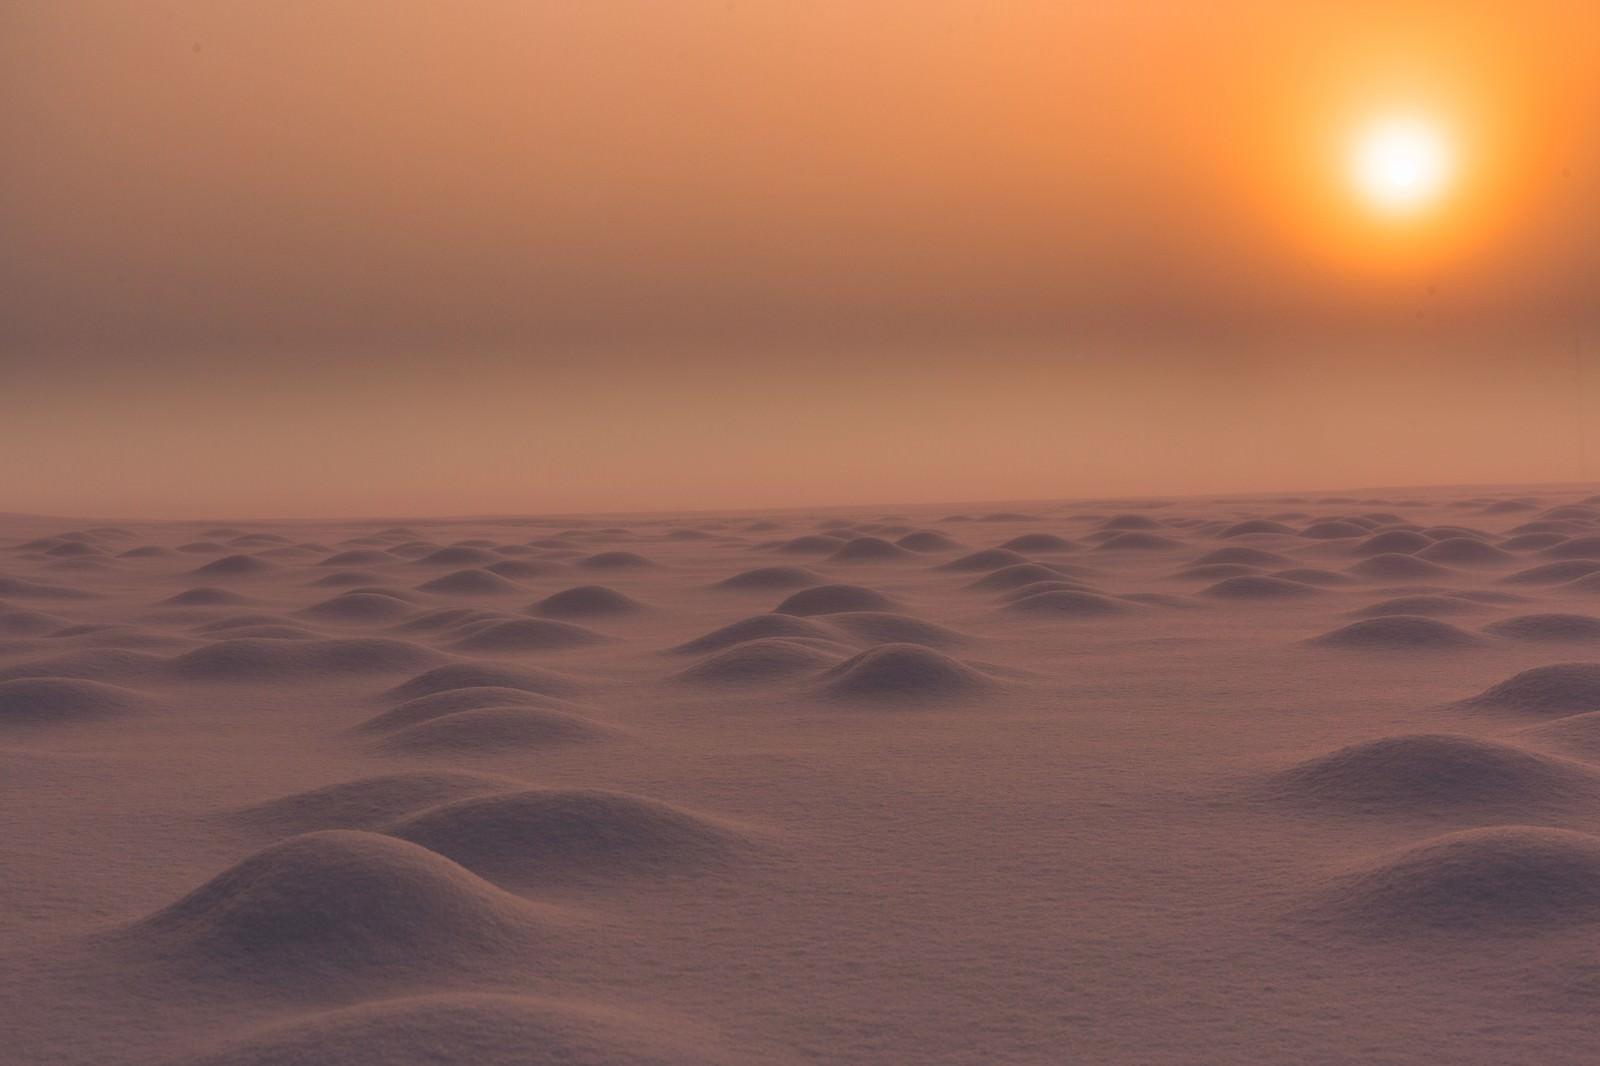 「雪原の朝雪原の朝」のフリー写真素材を拡大